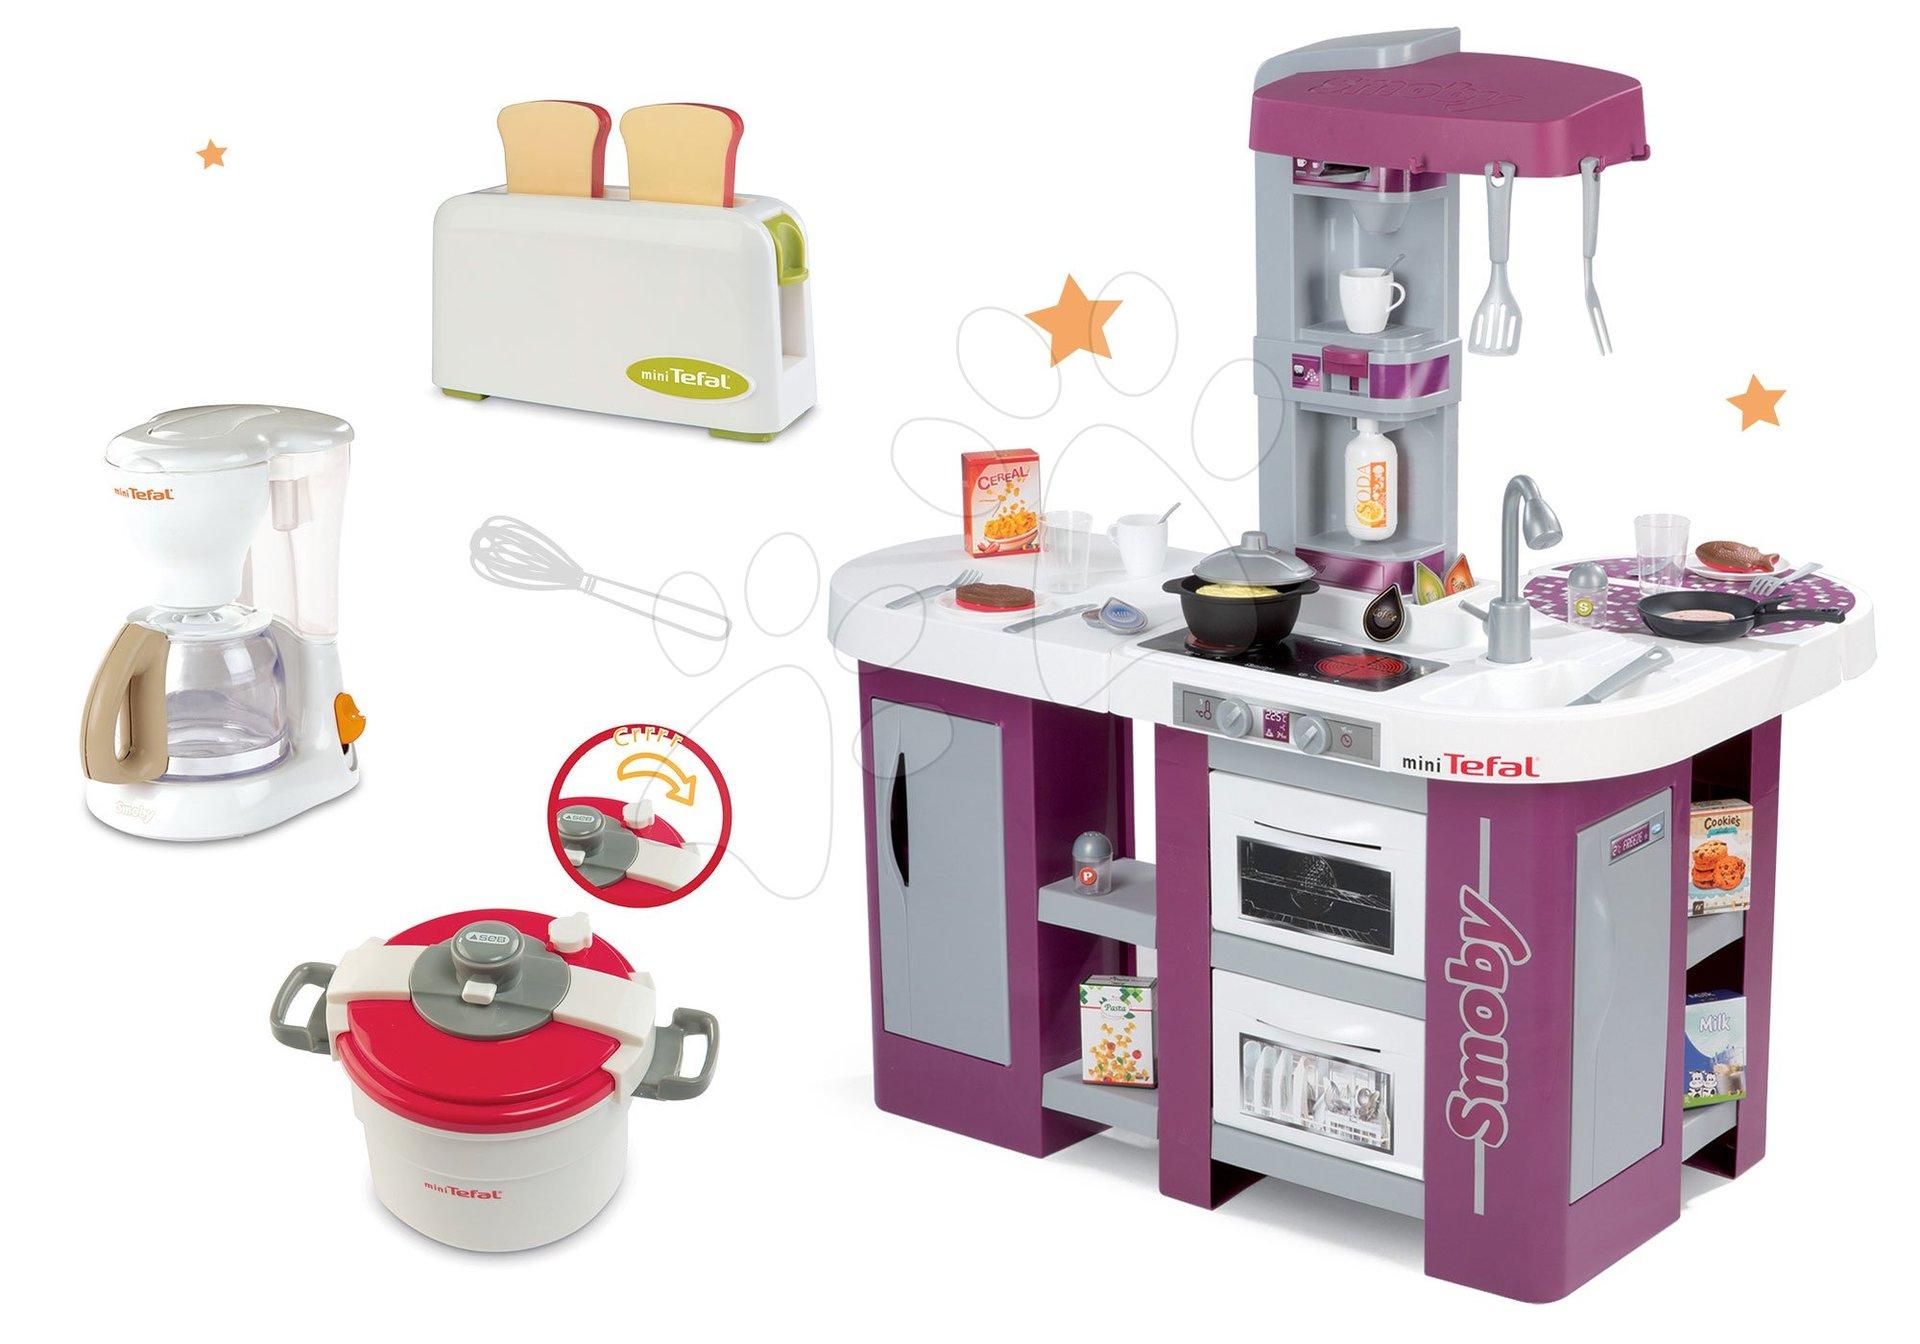 Set kuchyňka Tefal Studio XL Smoby s myčkou nádobí a lednicí a souprava 3 spotřebičů Tefal